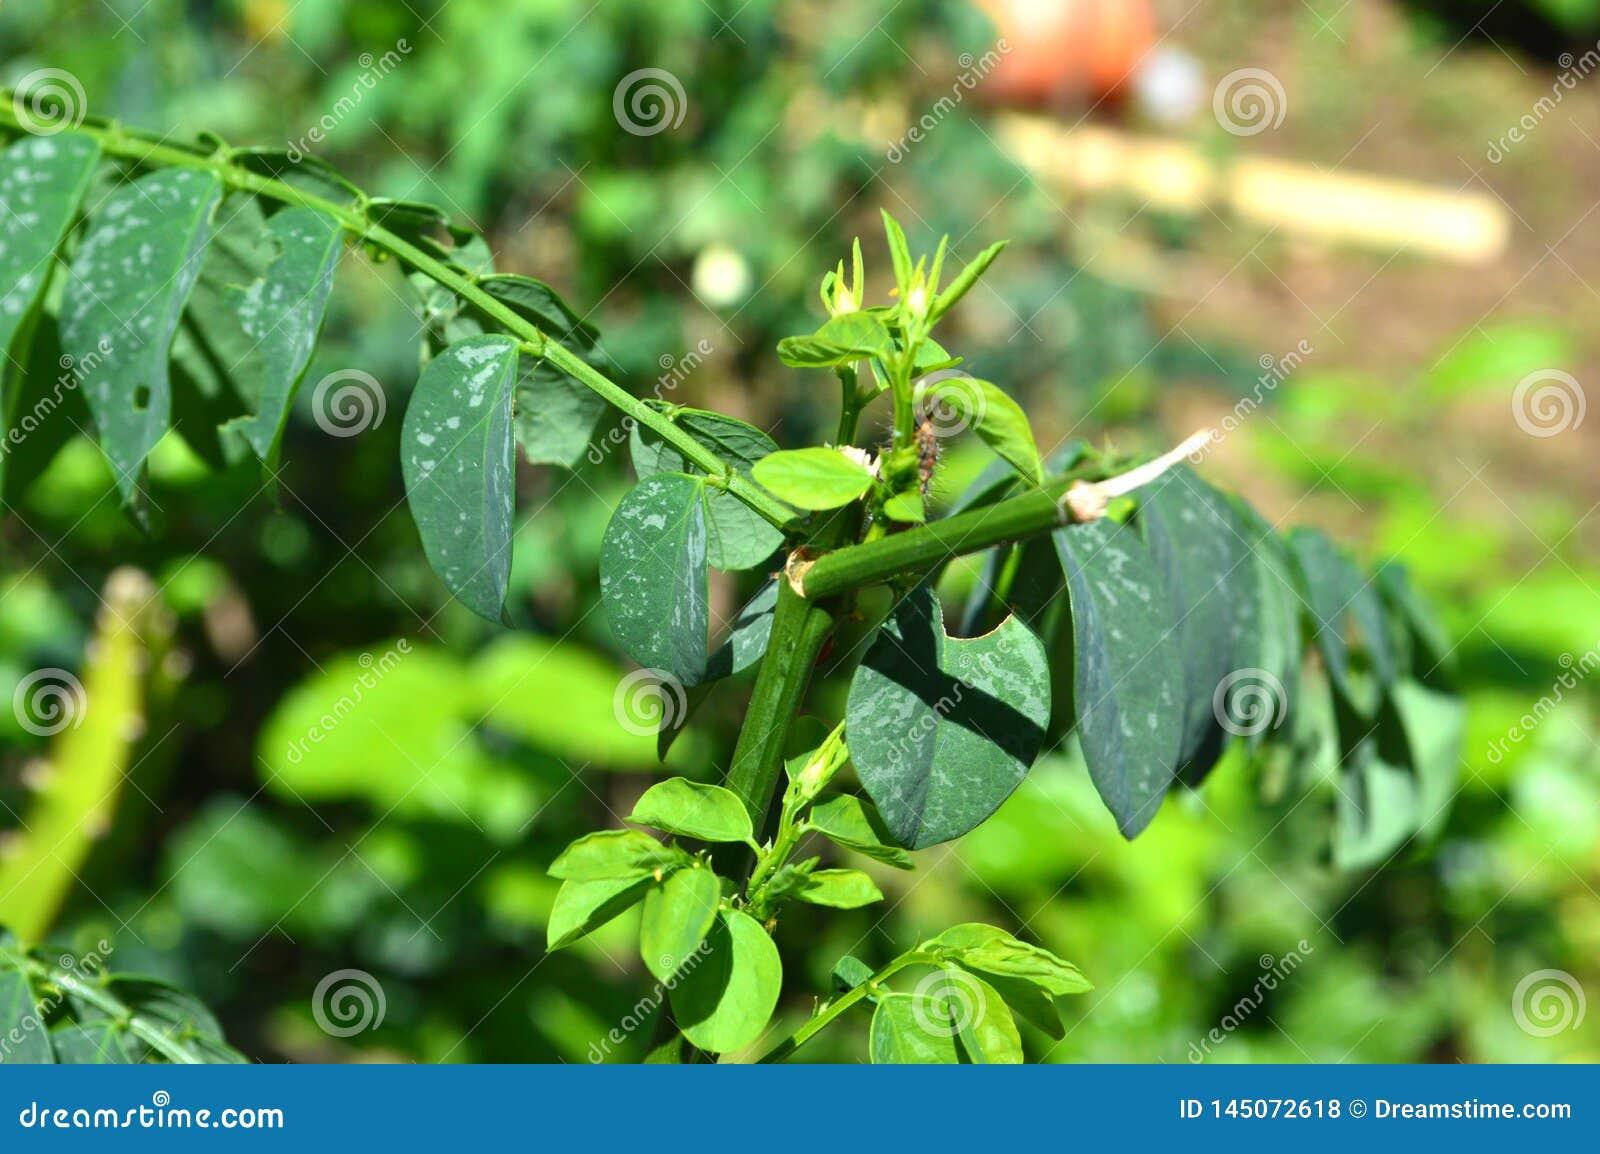 绿色叶子纹理和照片在热带气候的